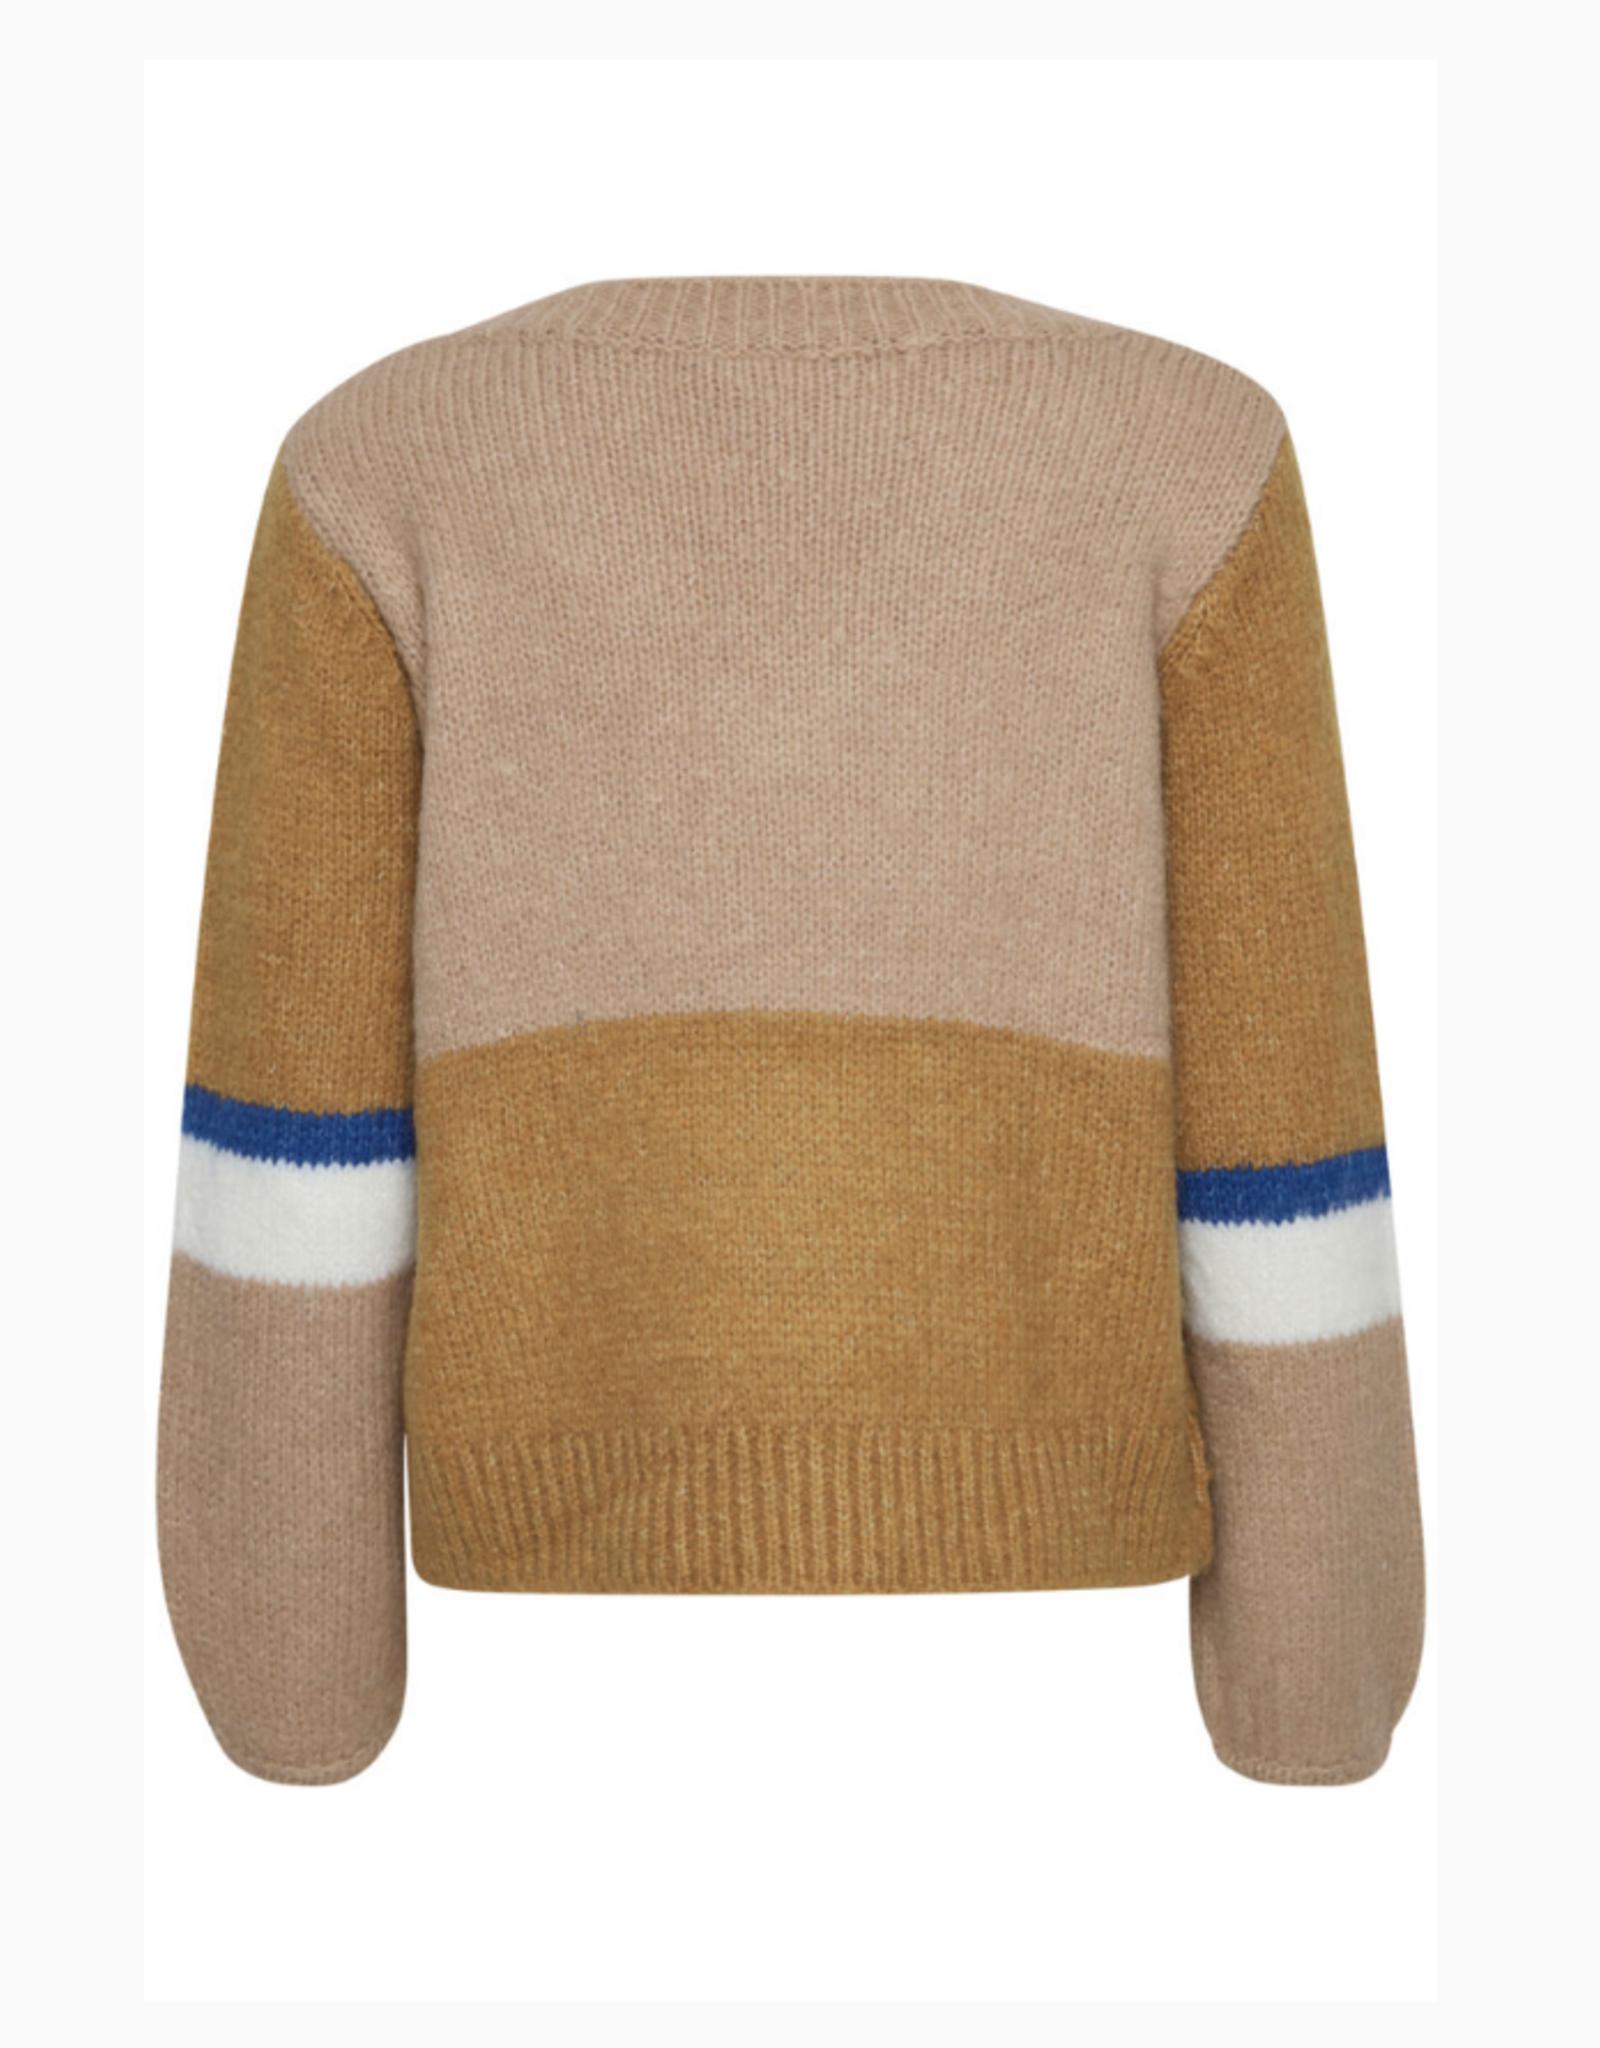 ICHI Ichi - Ihmarita Knitted Pullover